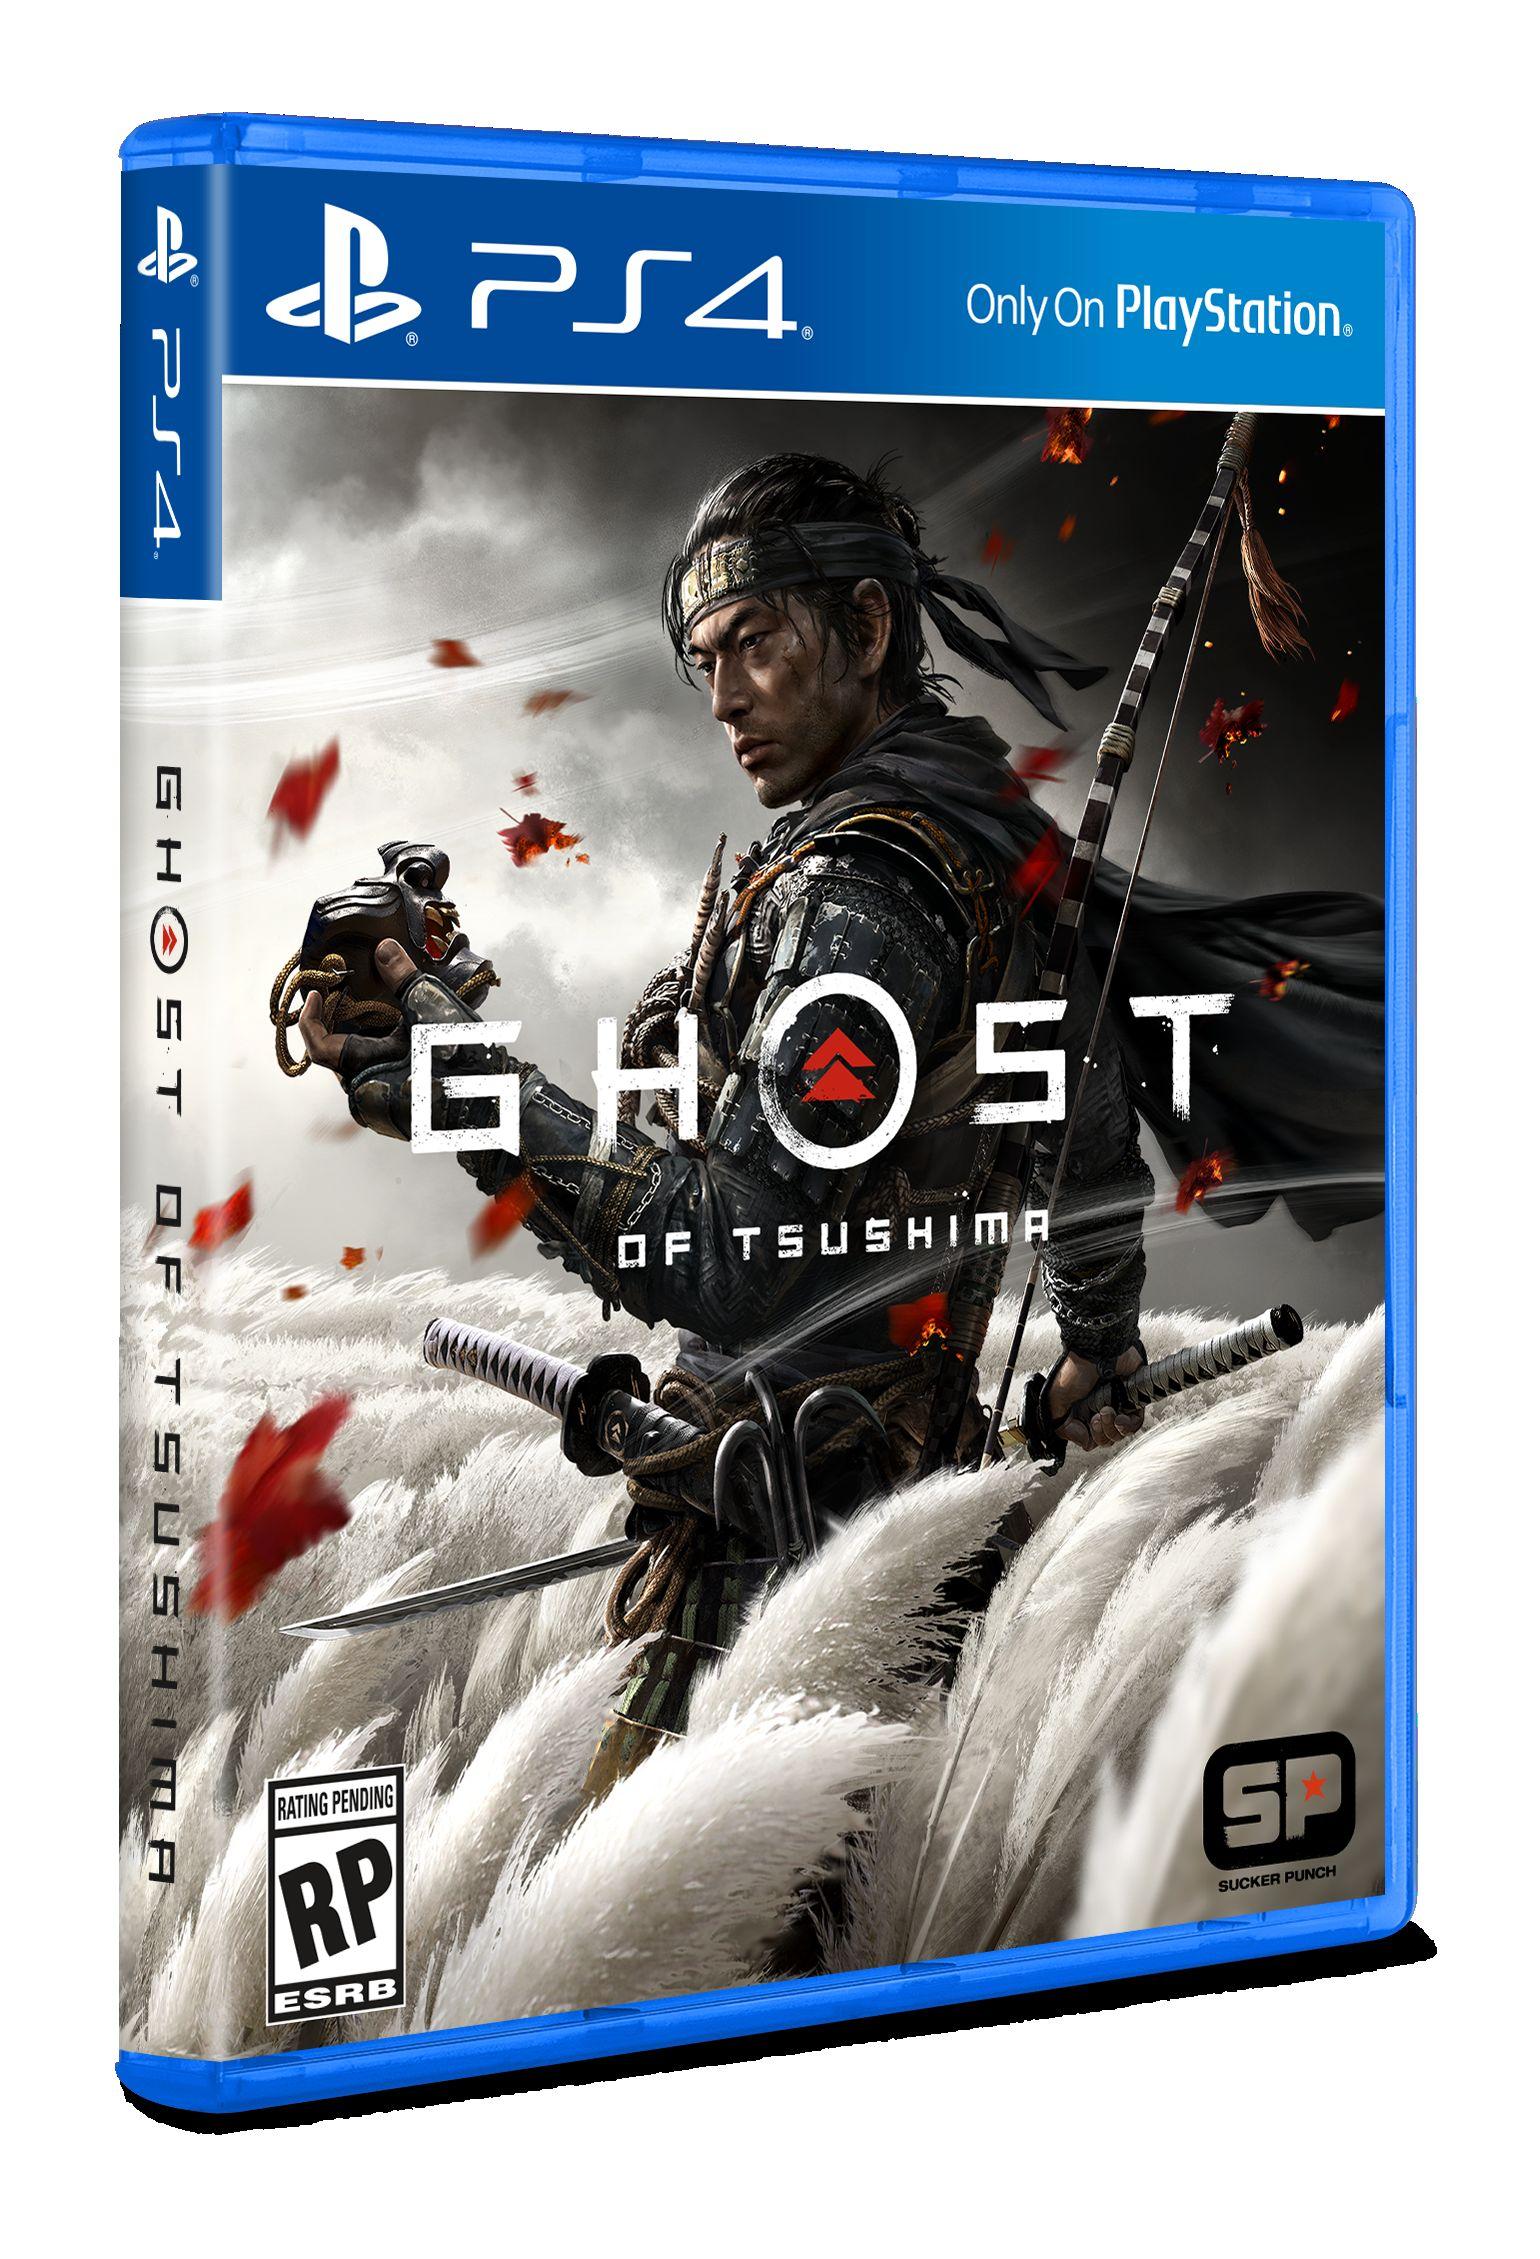 Zabi Mongolov napádajúcich feudálne Japonsko. Ghost of Tsushima ohuruje krásnou grafikou a samurajským gameplayom